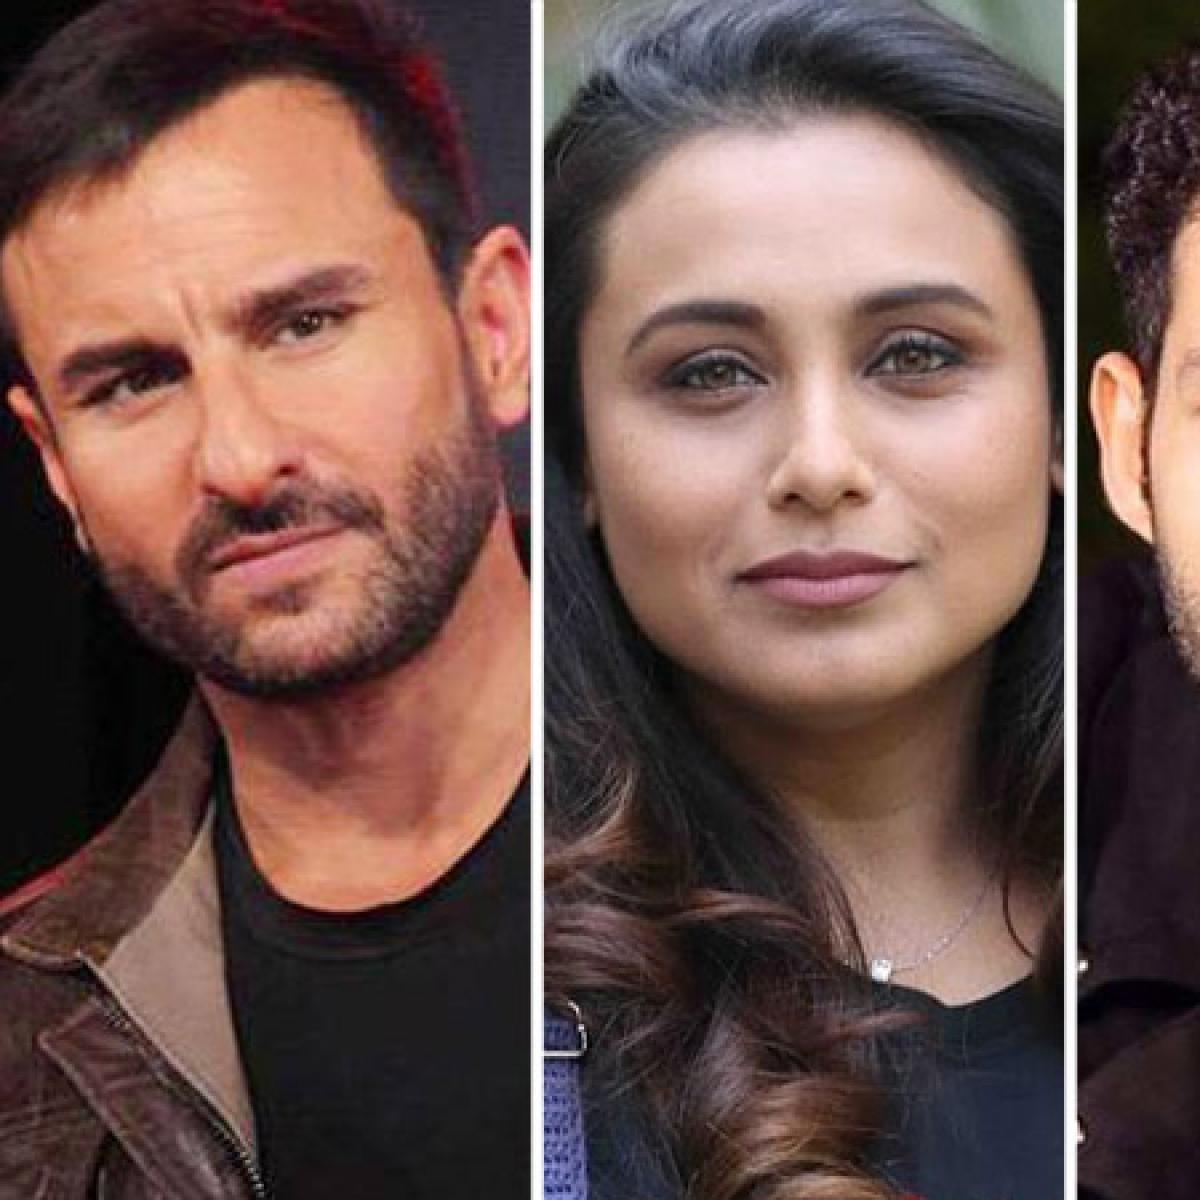 Saif Ali Khan to join Rani Mukerji and Siddhant Chaturvedi for 'Bunty Aur Babli 2'?